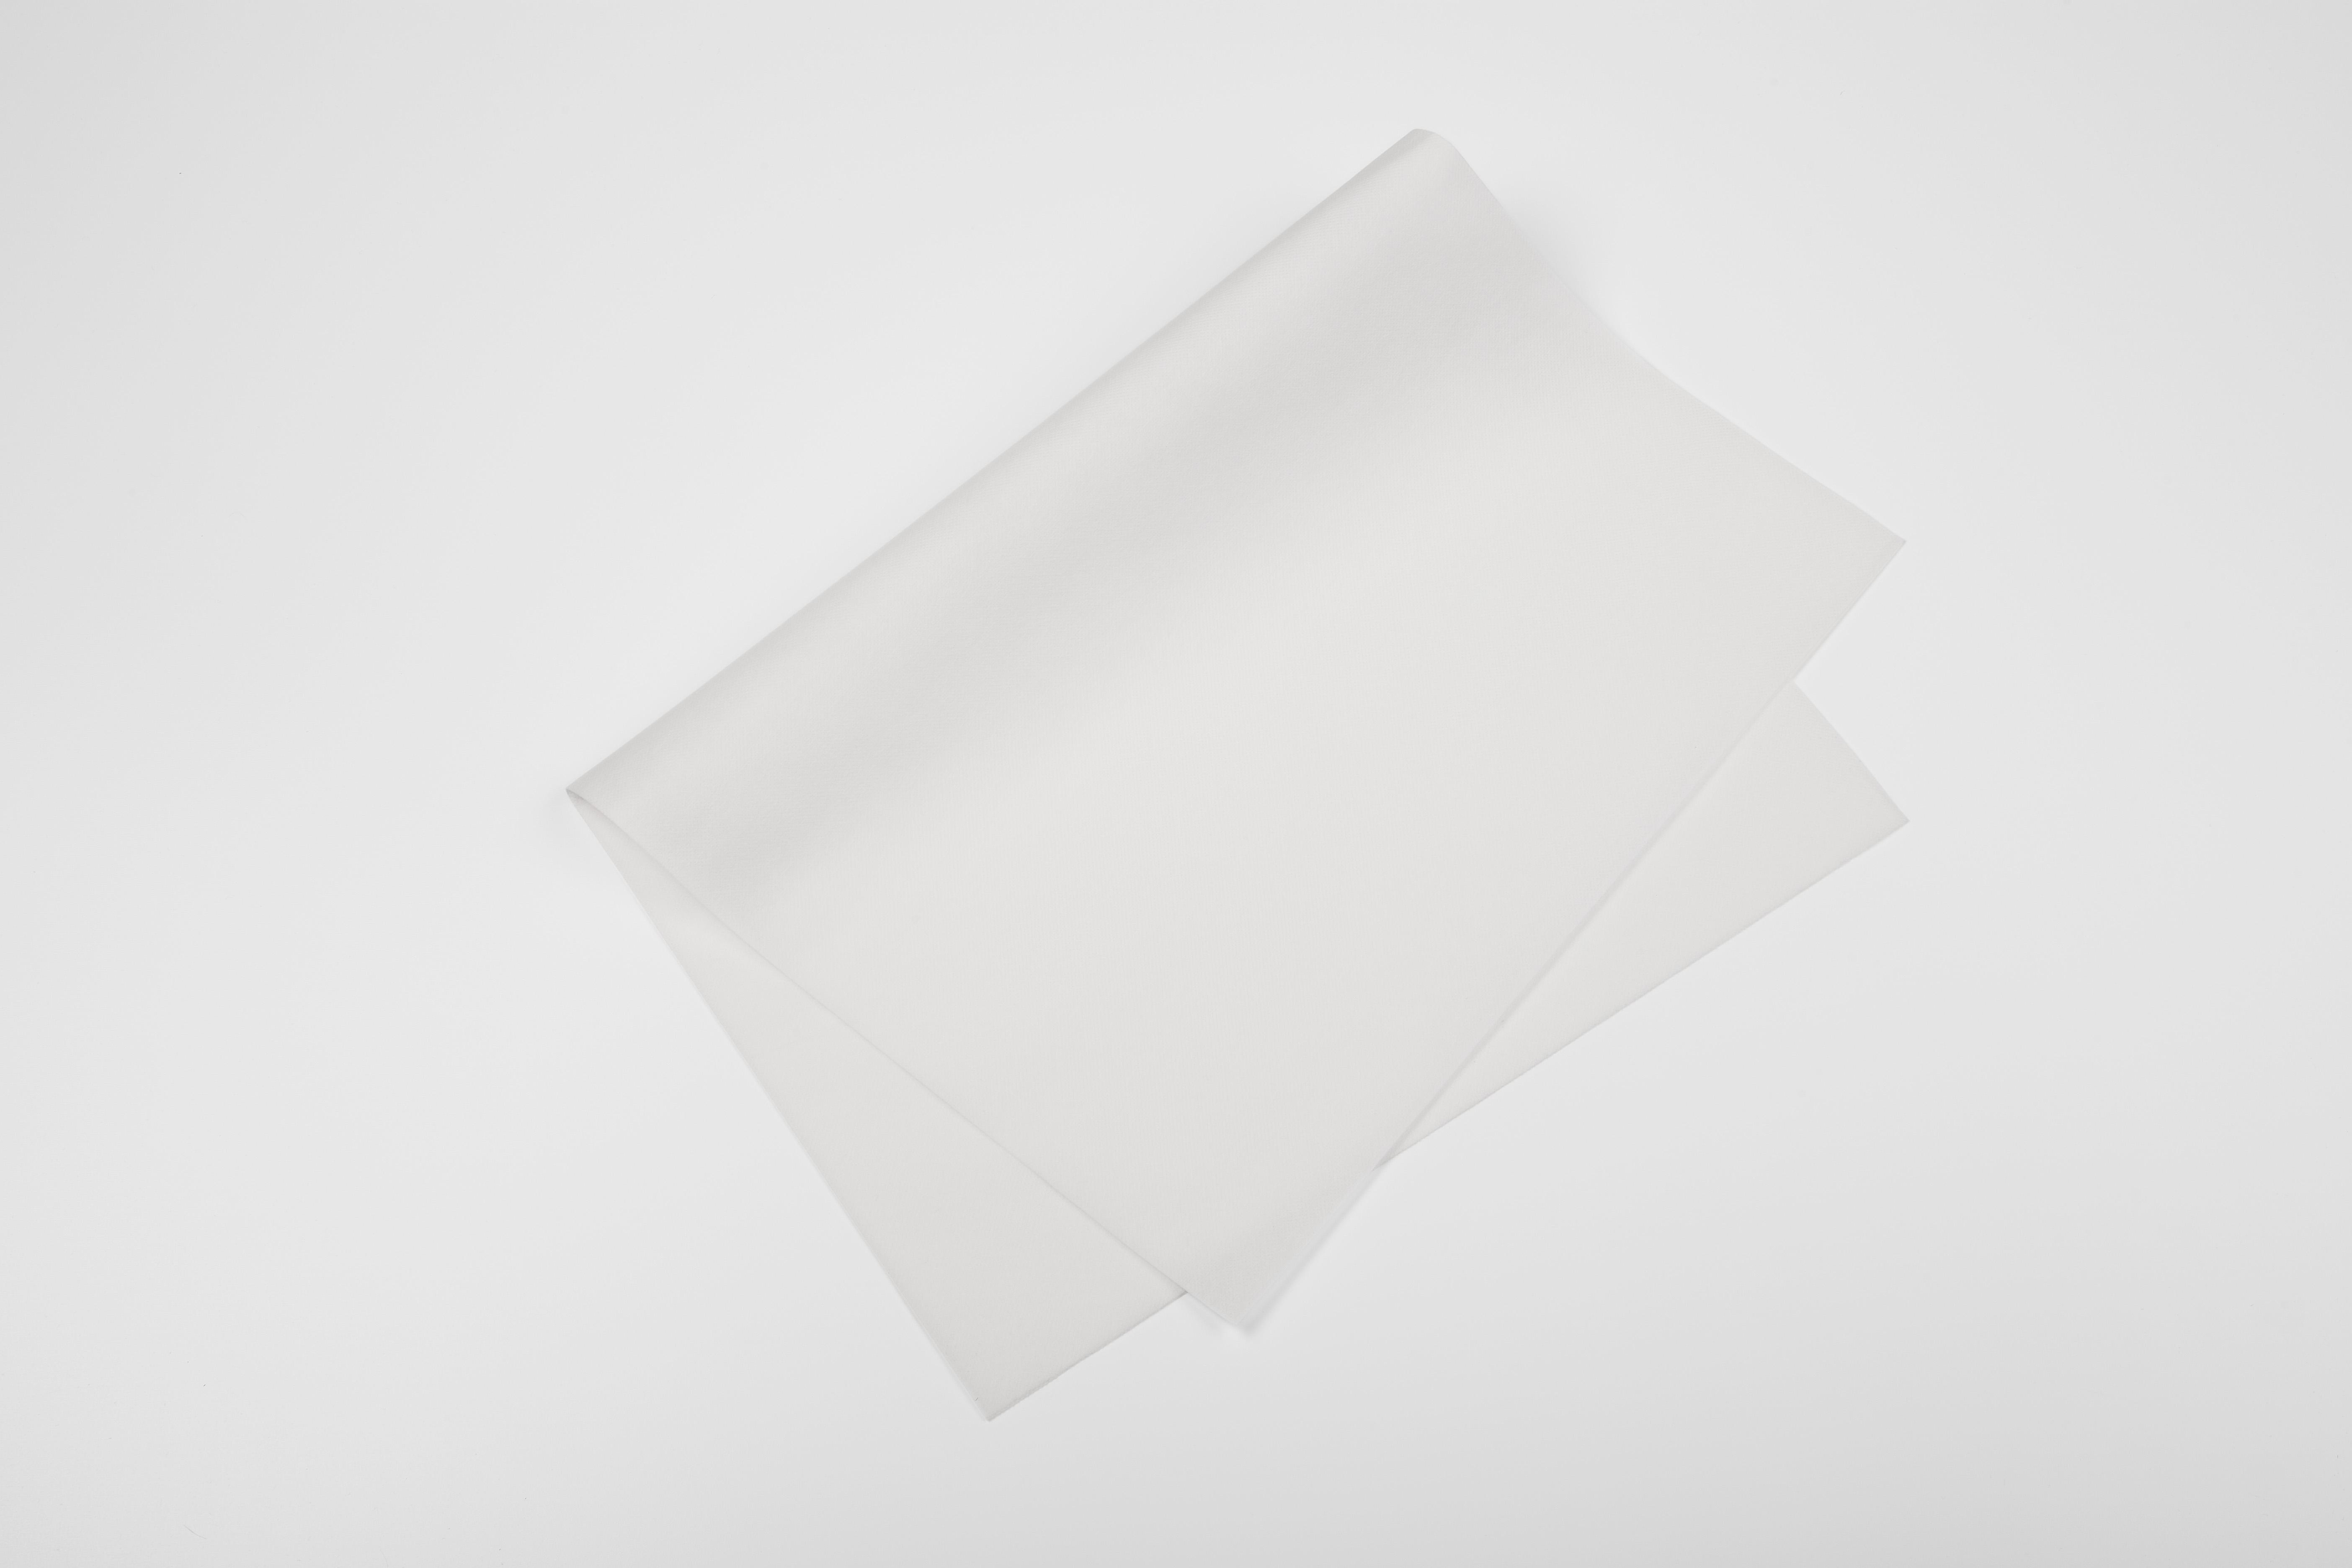 Einmal-Kissenbezug 42x65 cm weiß